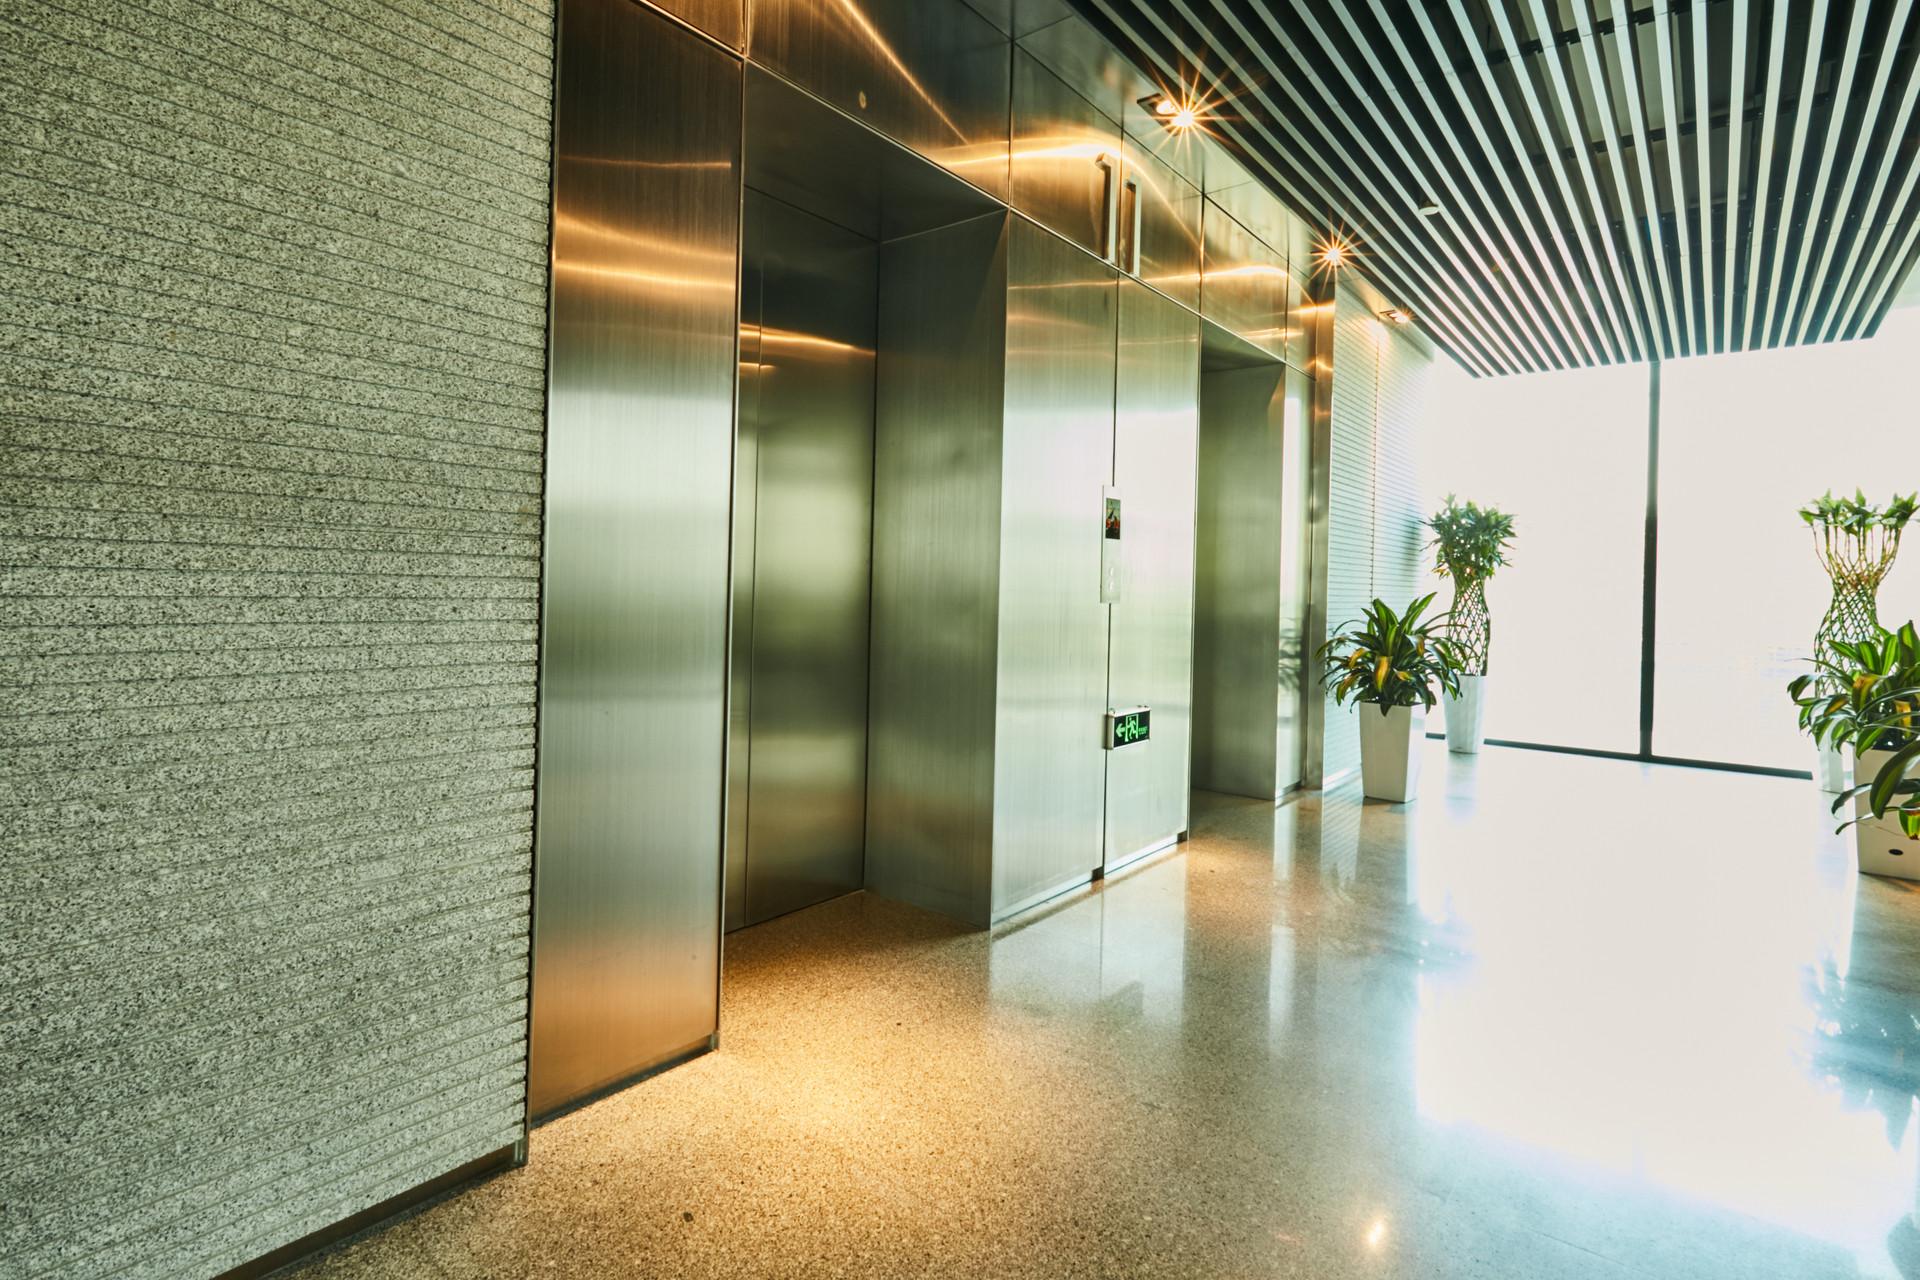 电梯行业:房地产竣工面积增速拐点向上 将拉动电梯需求增长